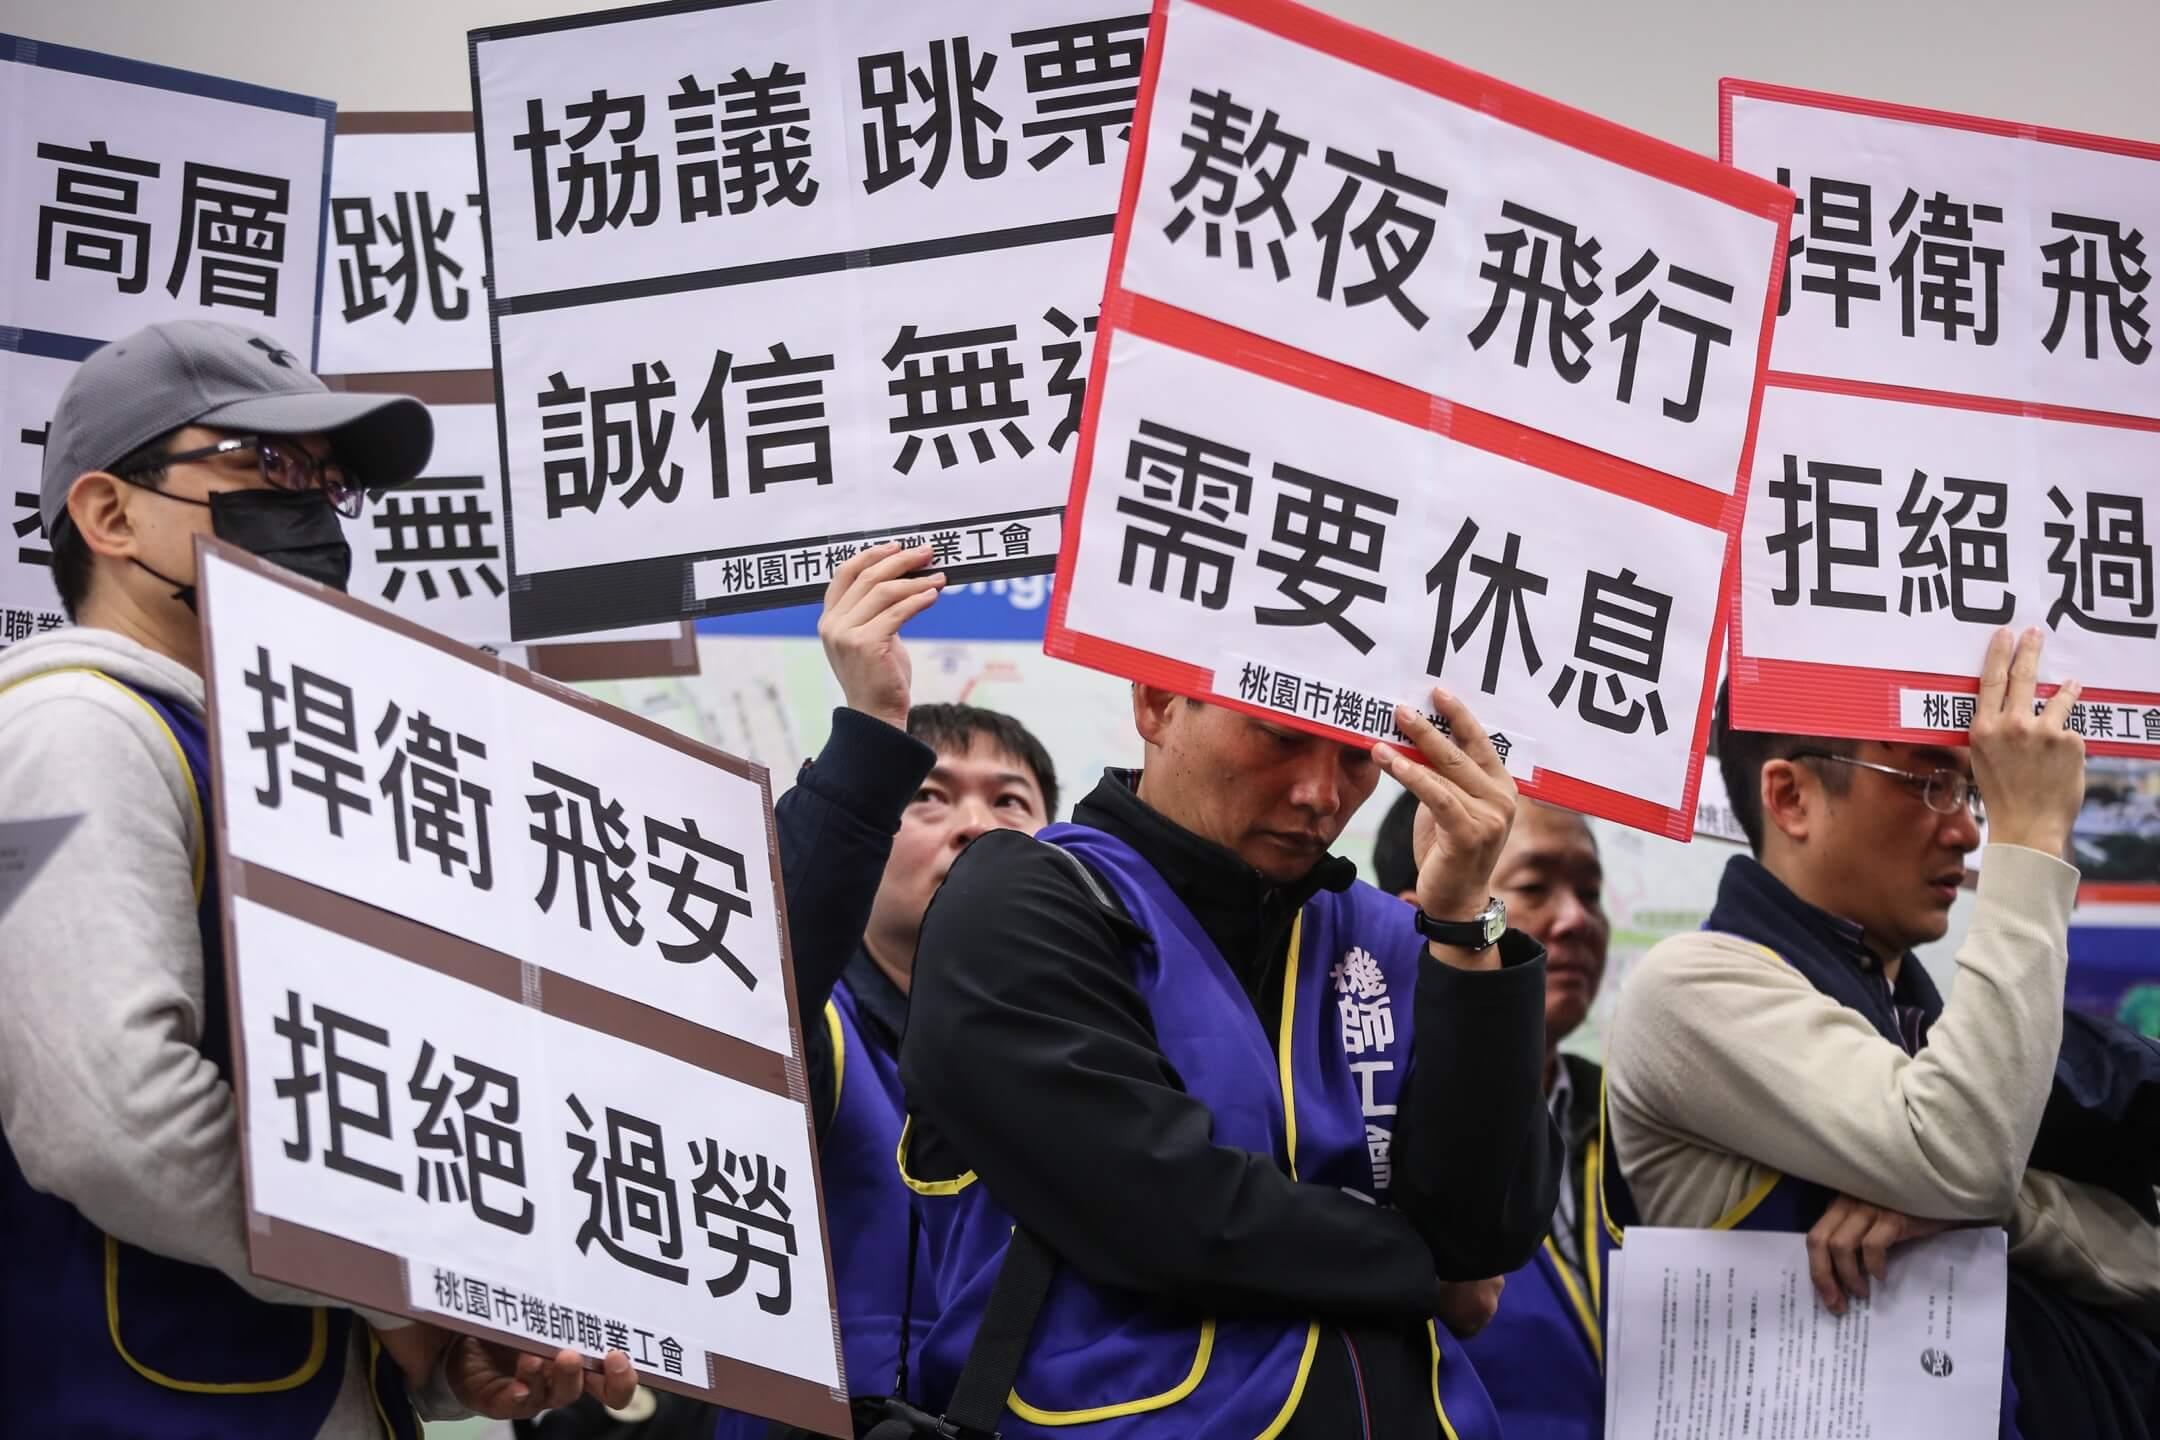 台北桃園市機師工會華航分會於2月8日凌晨宣布,於當日6:00將啟動罷工。圖為工會宣布罷工後,於松山機場大廳召開記者會。 攝:Eason Lam/端傳媒